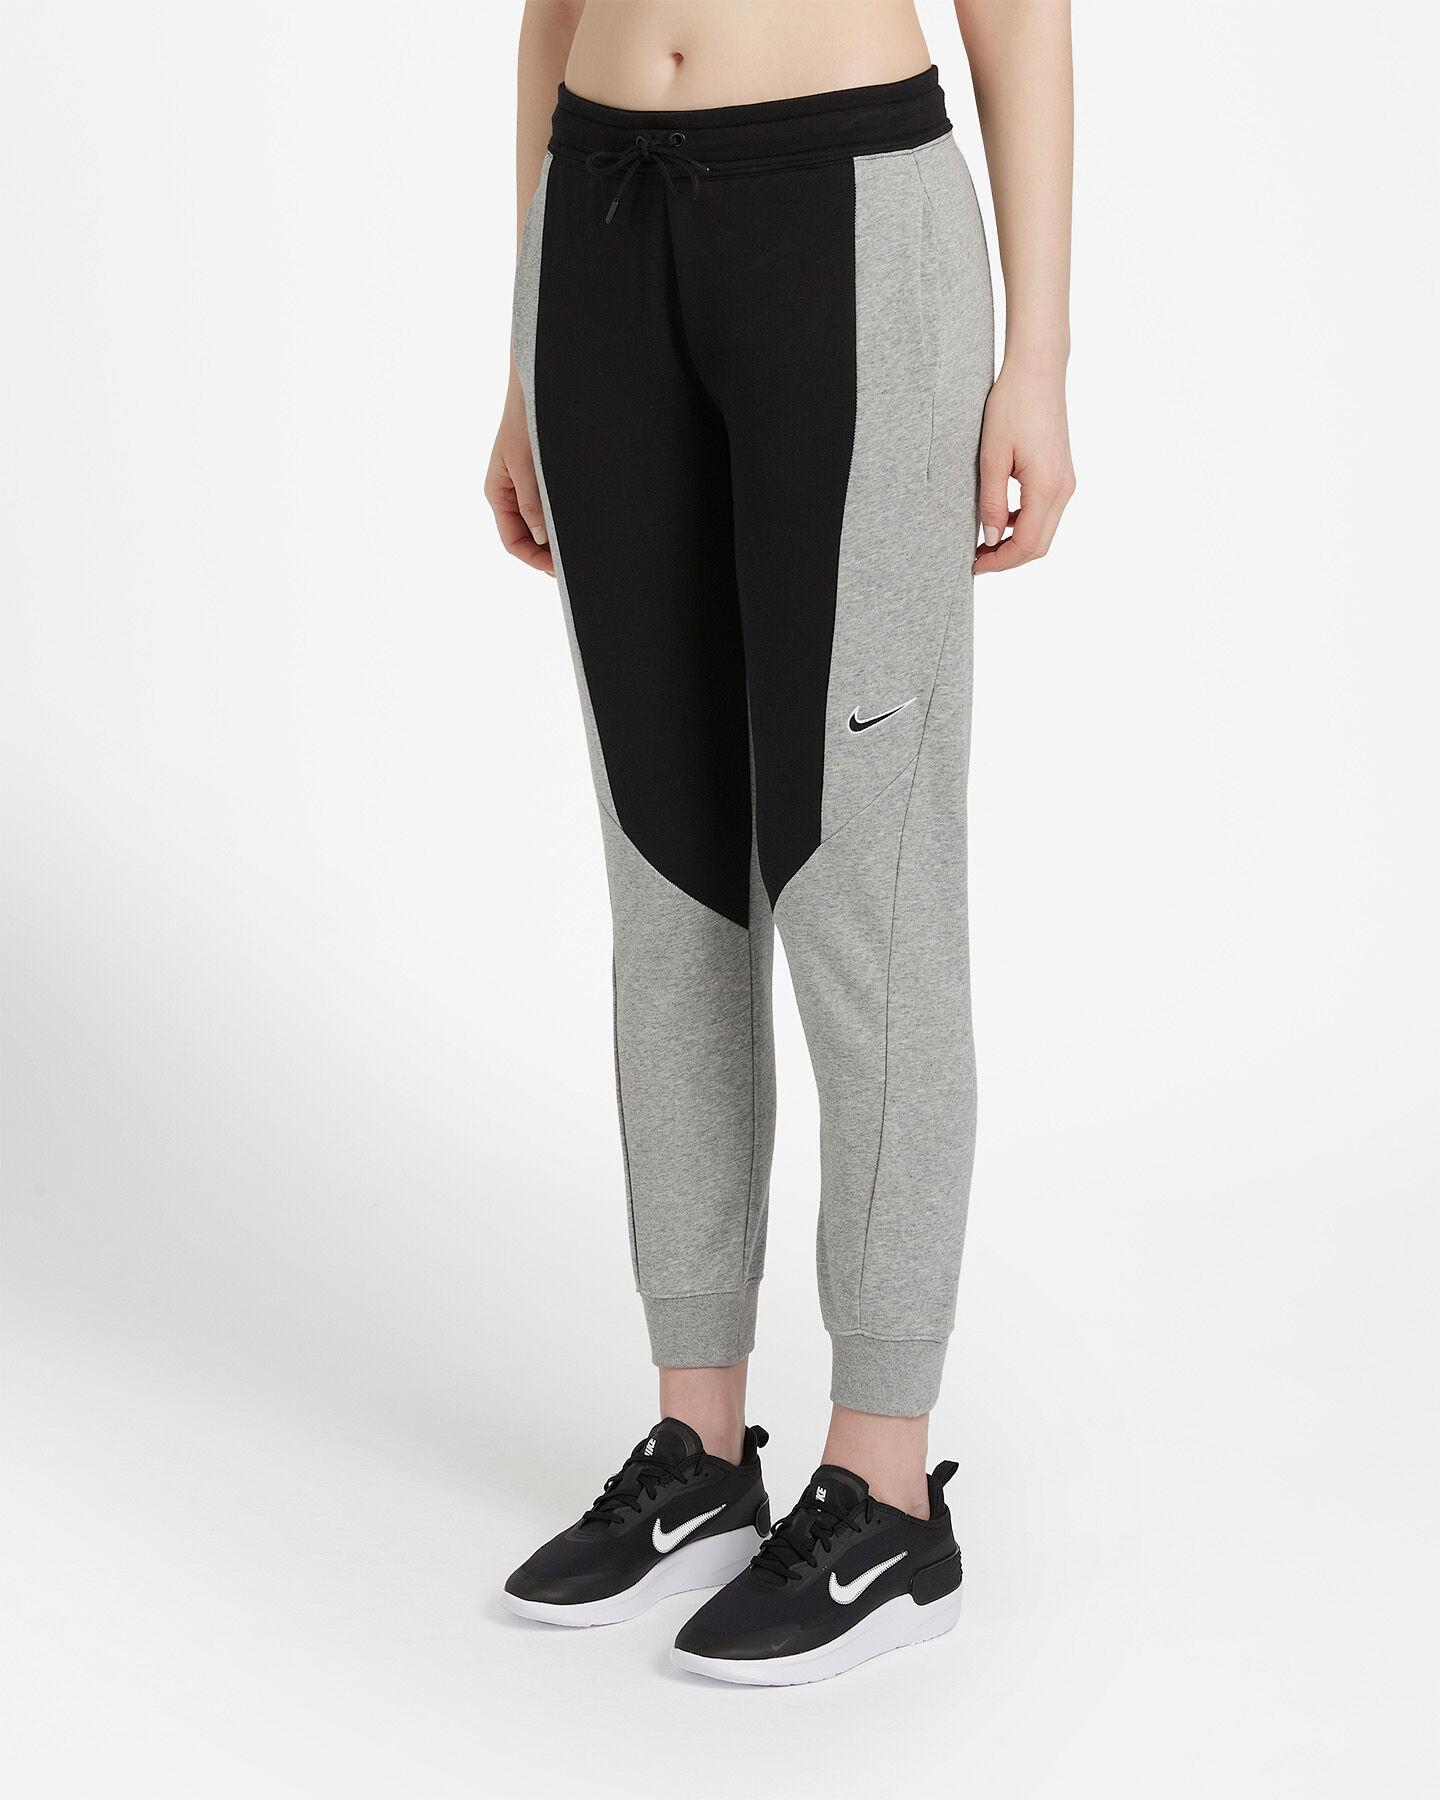 Pantalone NIKE COLOR BLOCK W S5164688 scatto 2